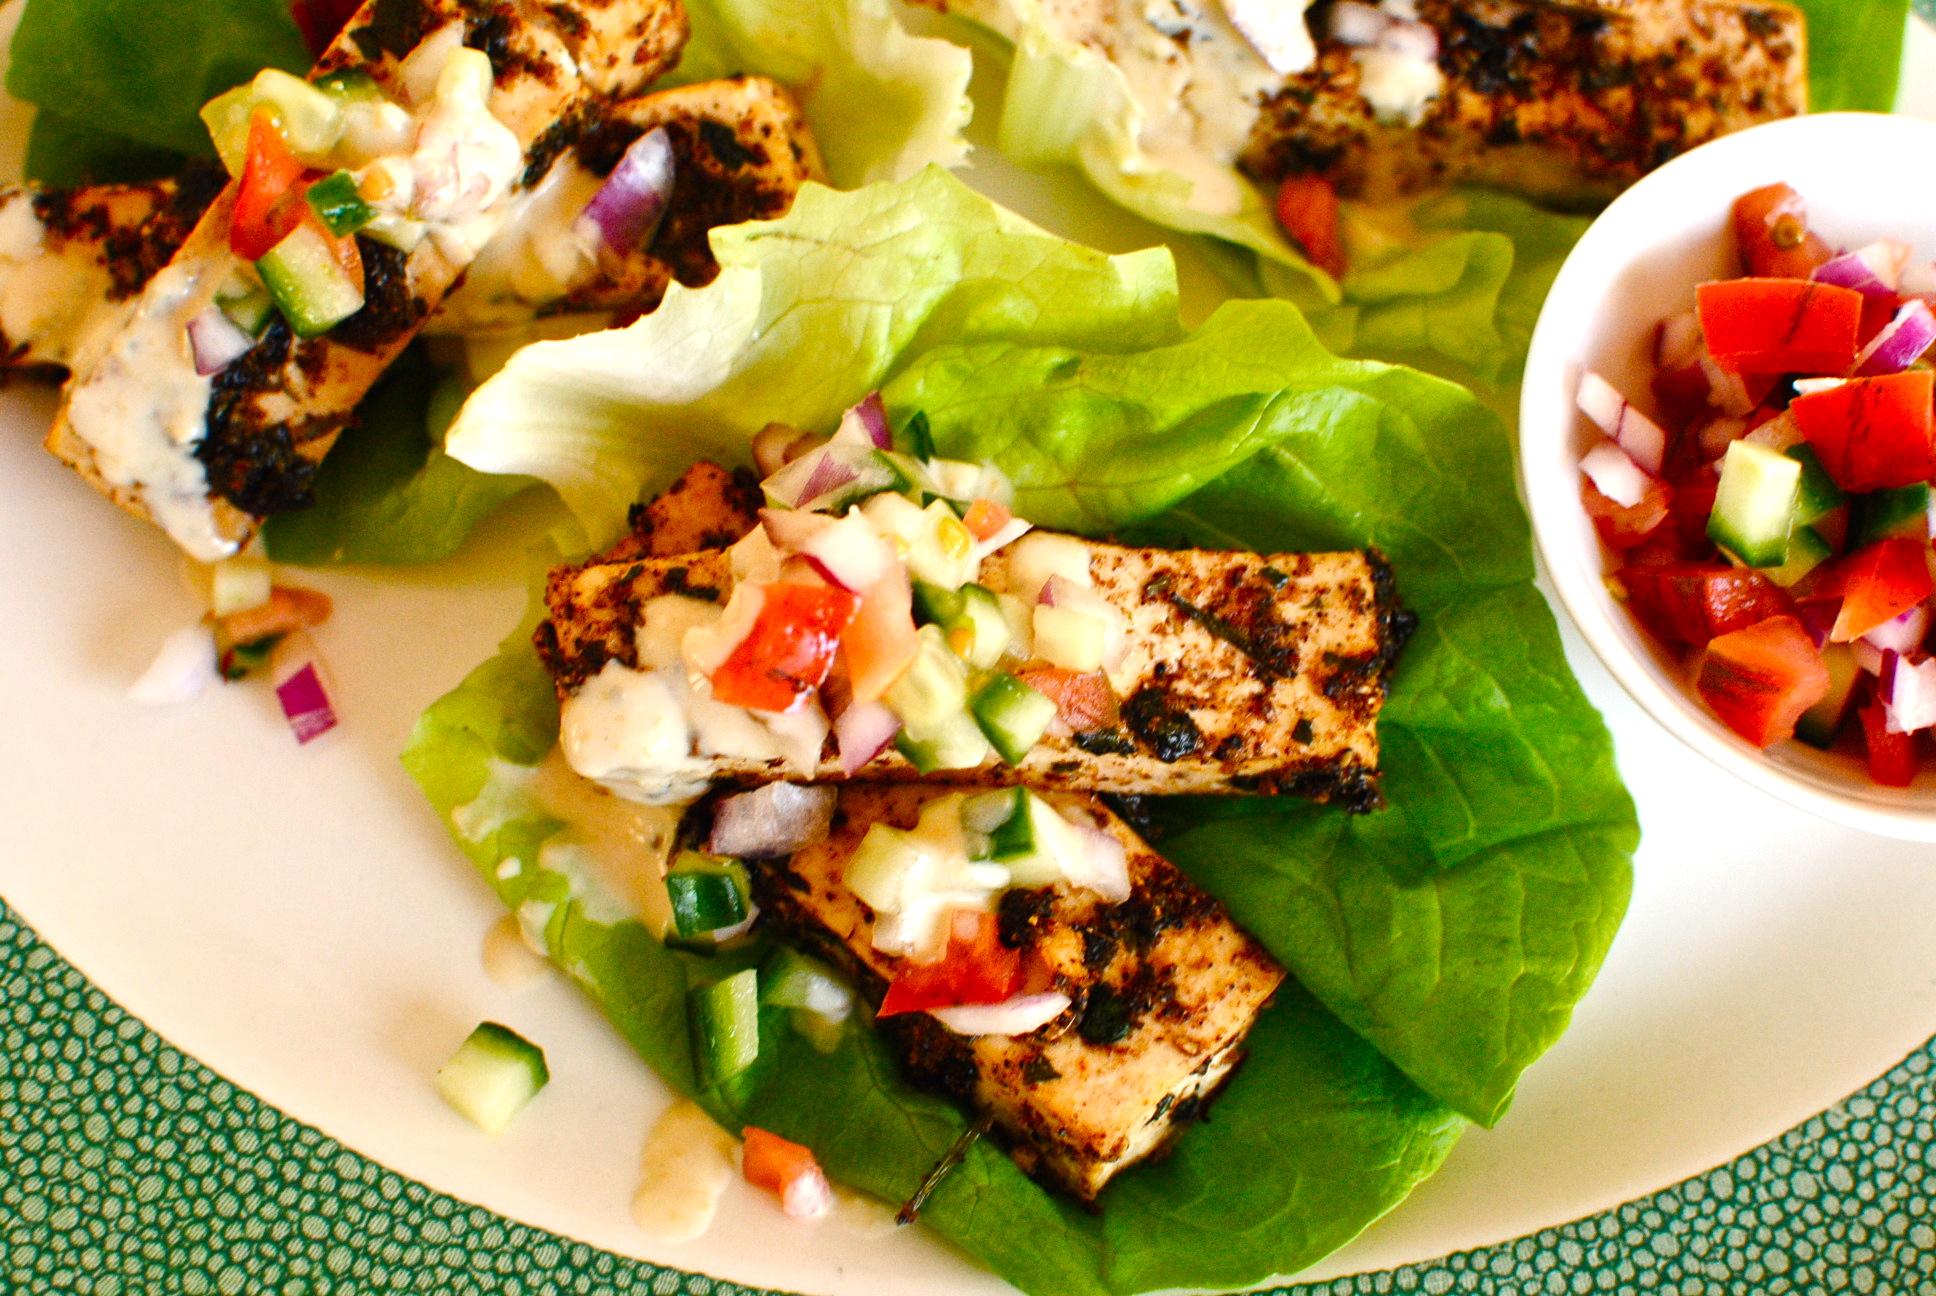 A New Way To Enjoy Shawarma – with Tofu! | food to glow